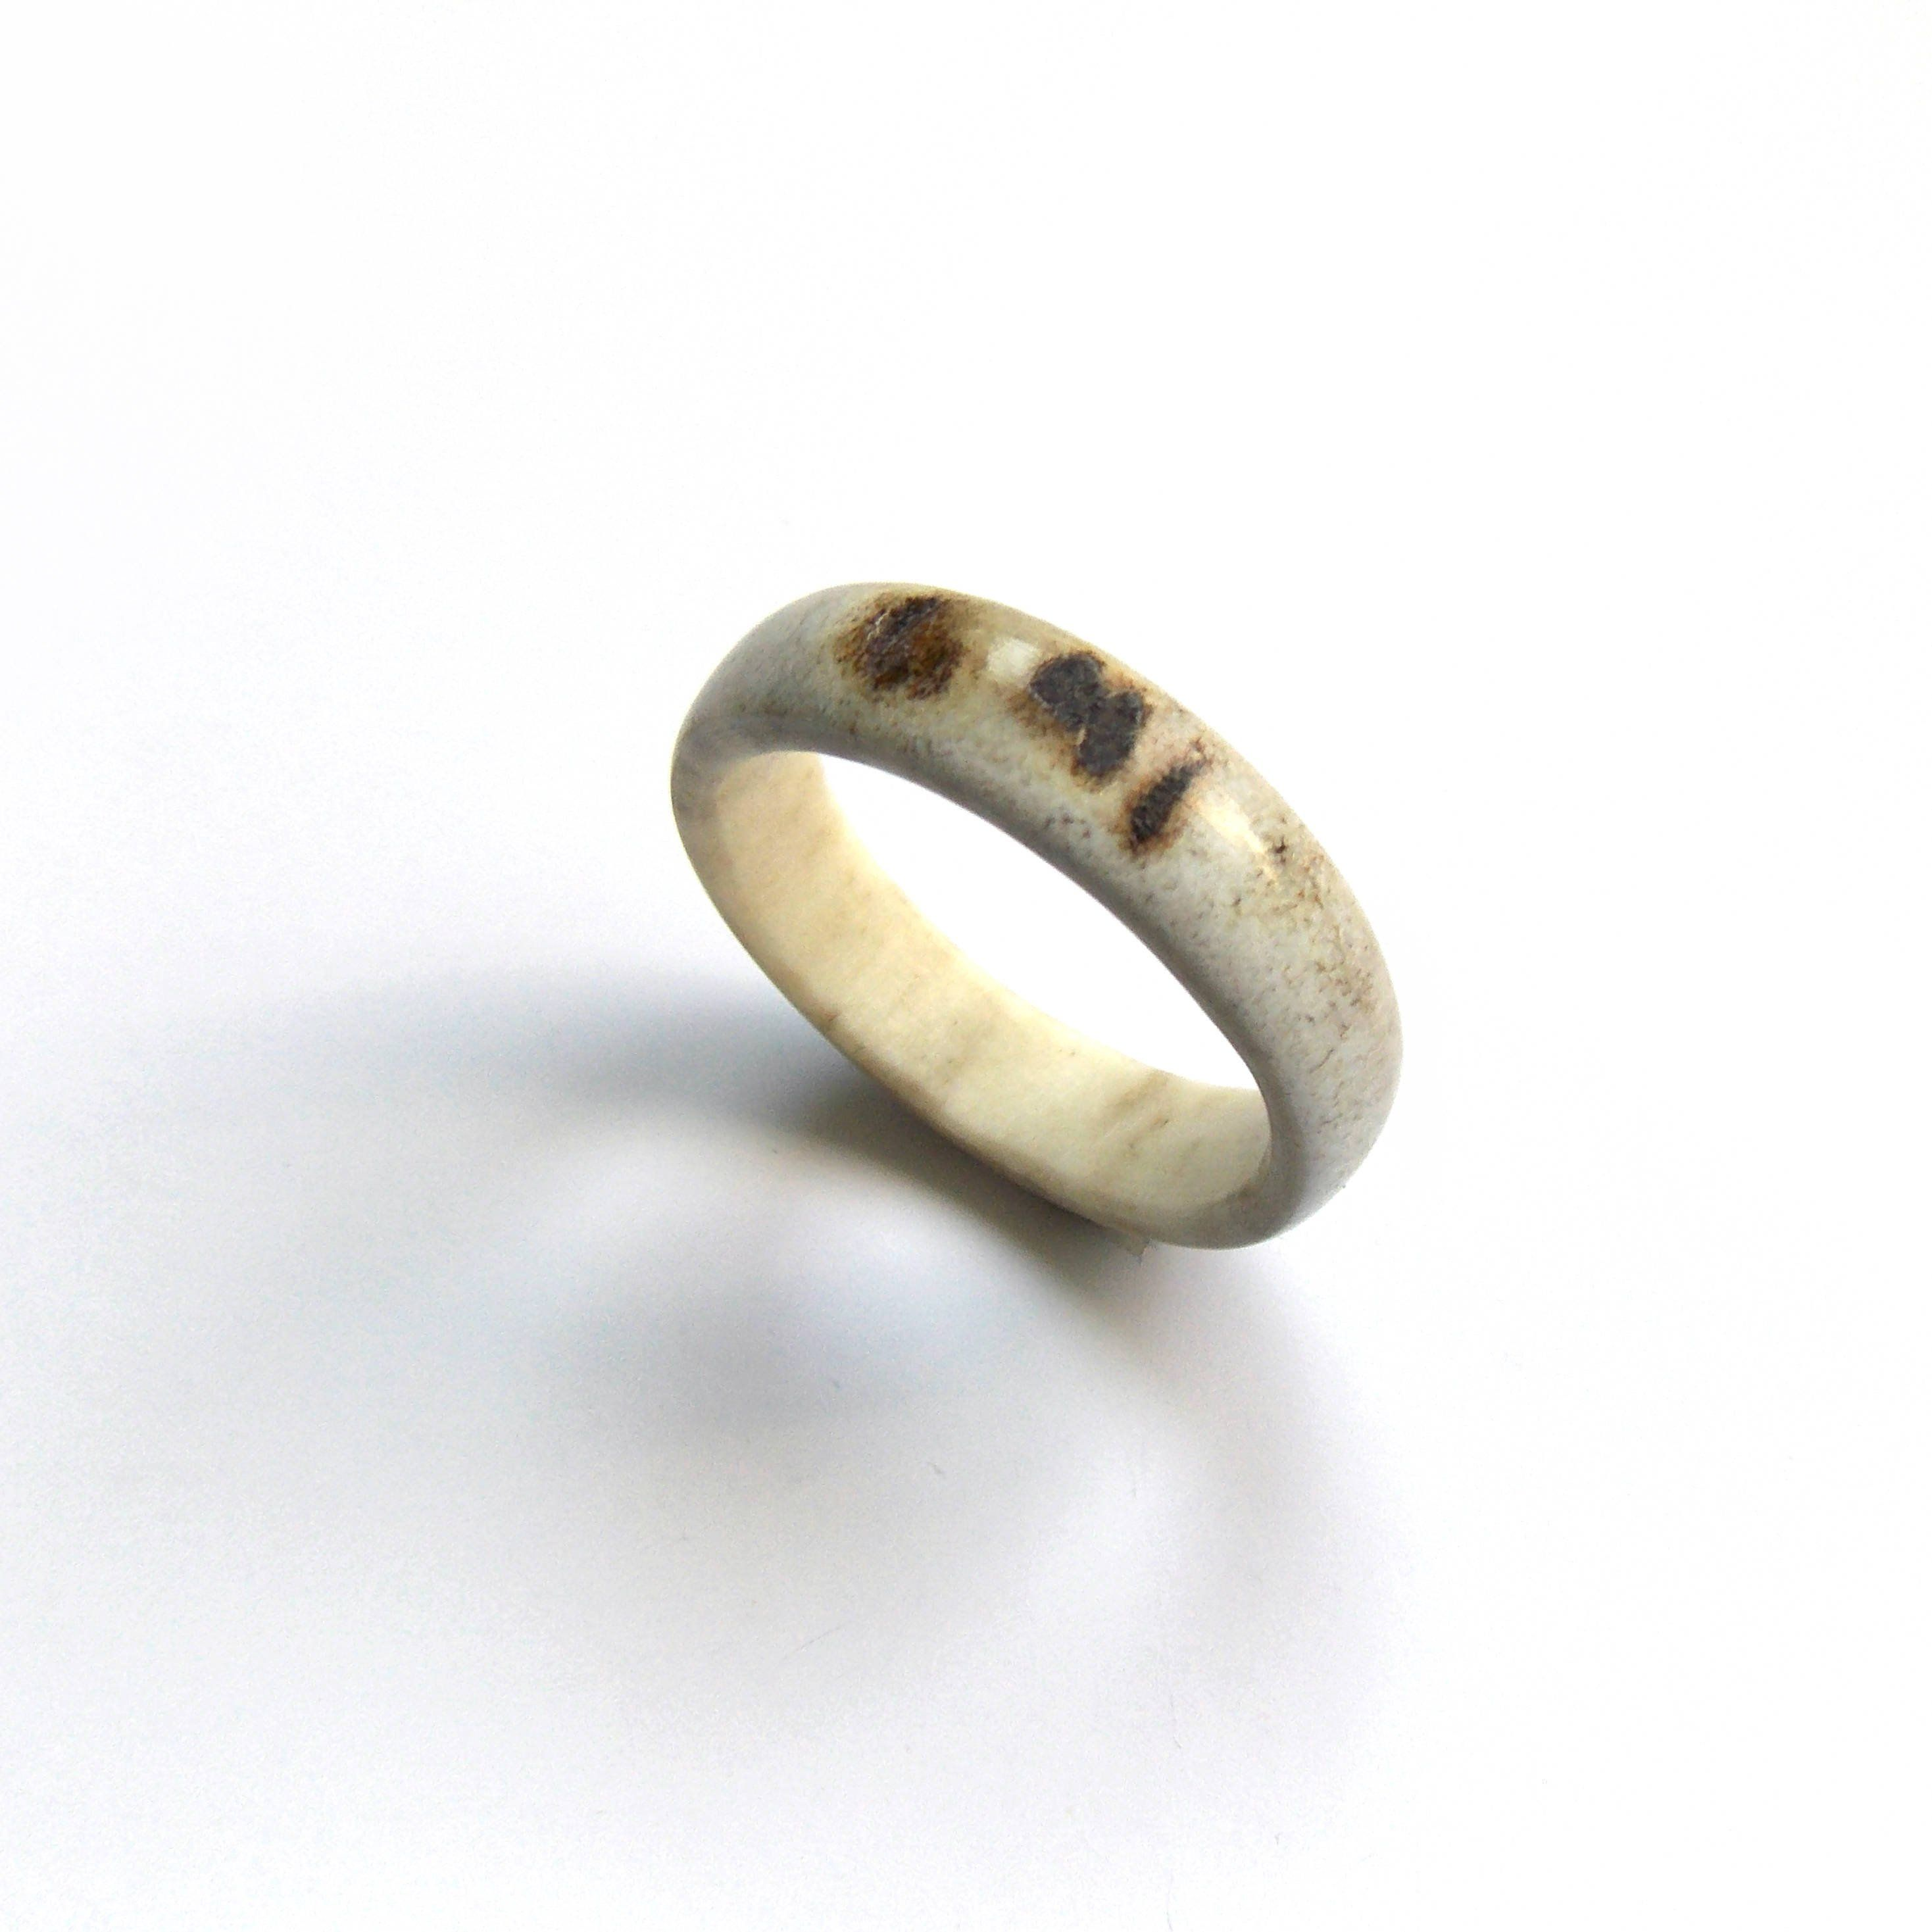 large deer antler ring, mens rustic wedding band, thumb ring